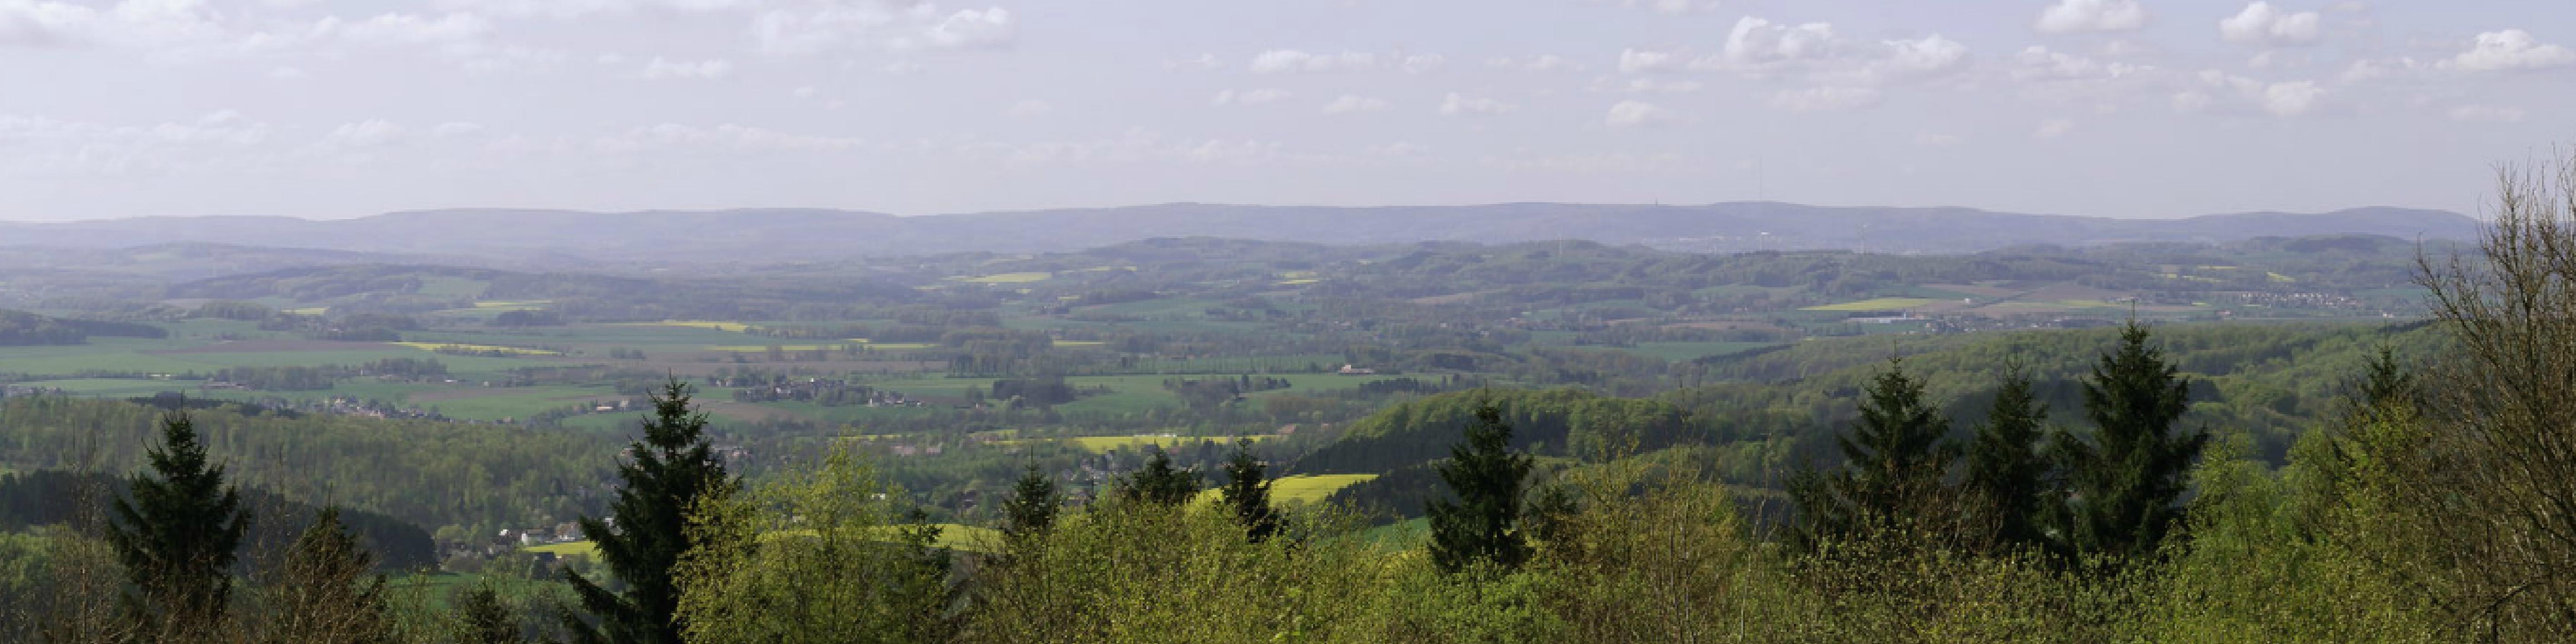 Blick vom Steinberg Richtung Süden